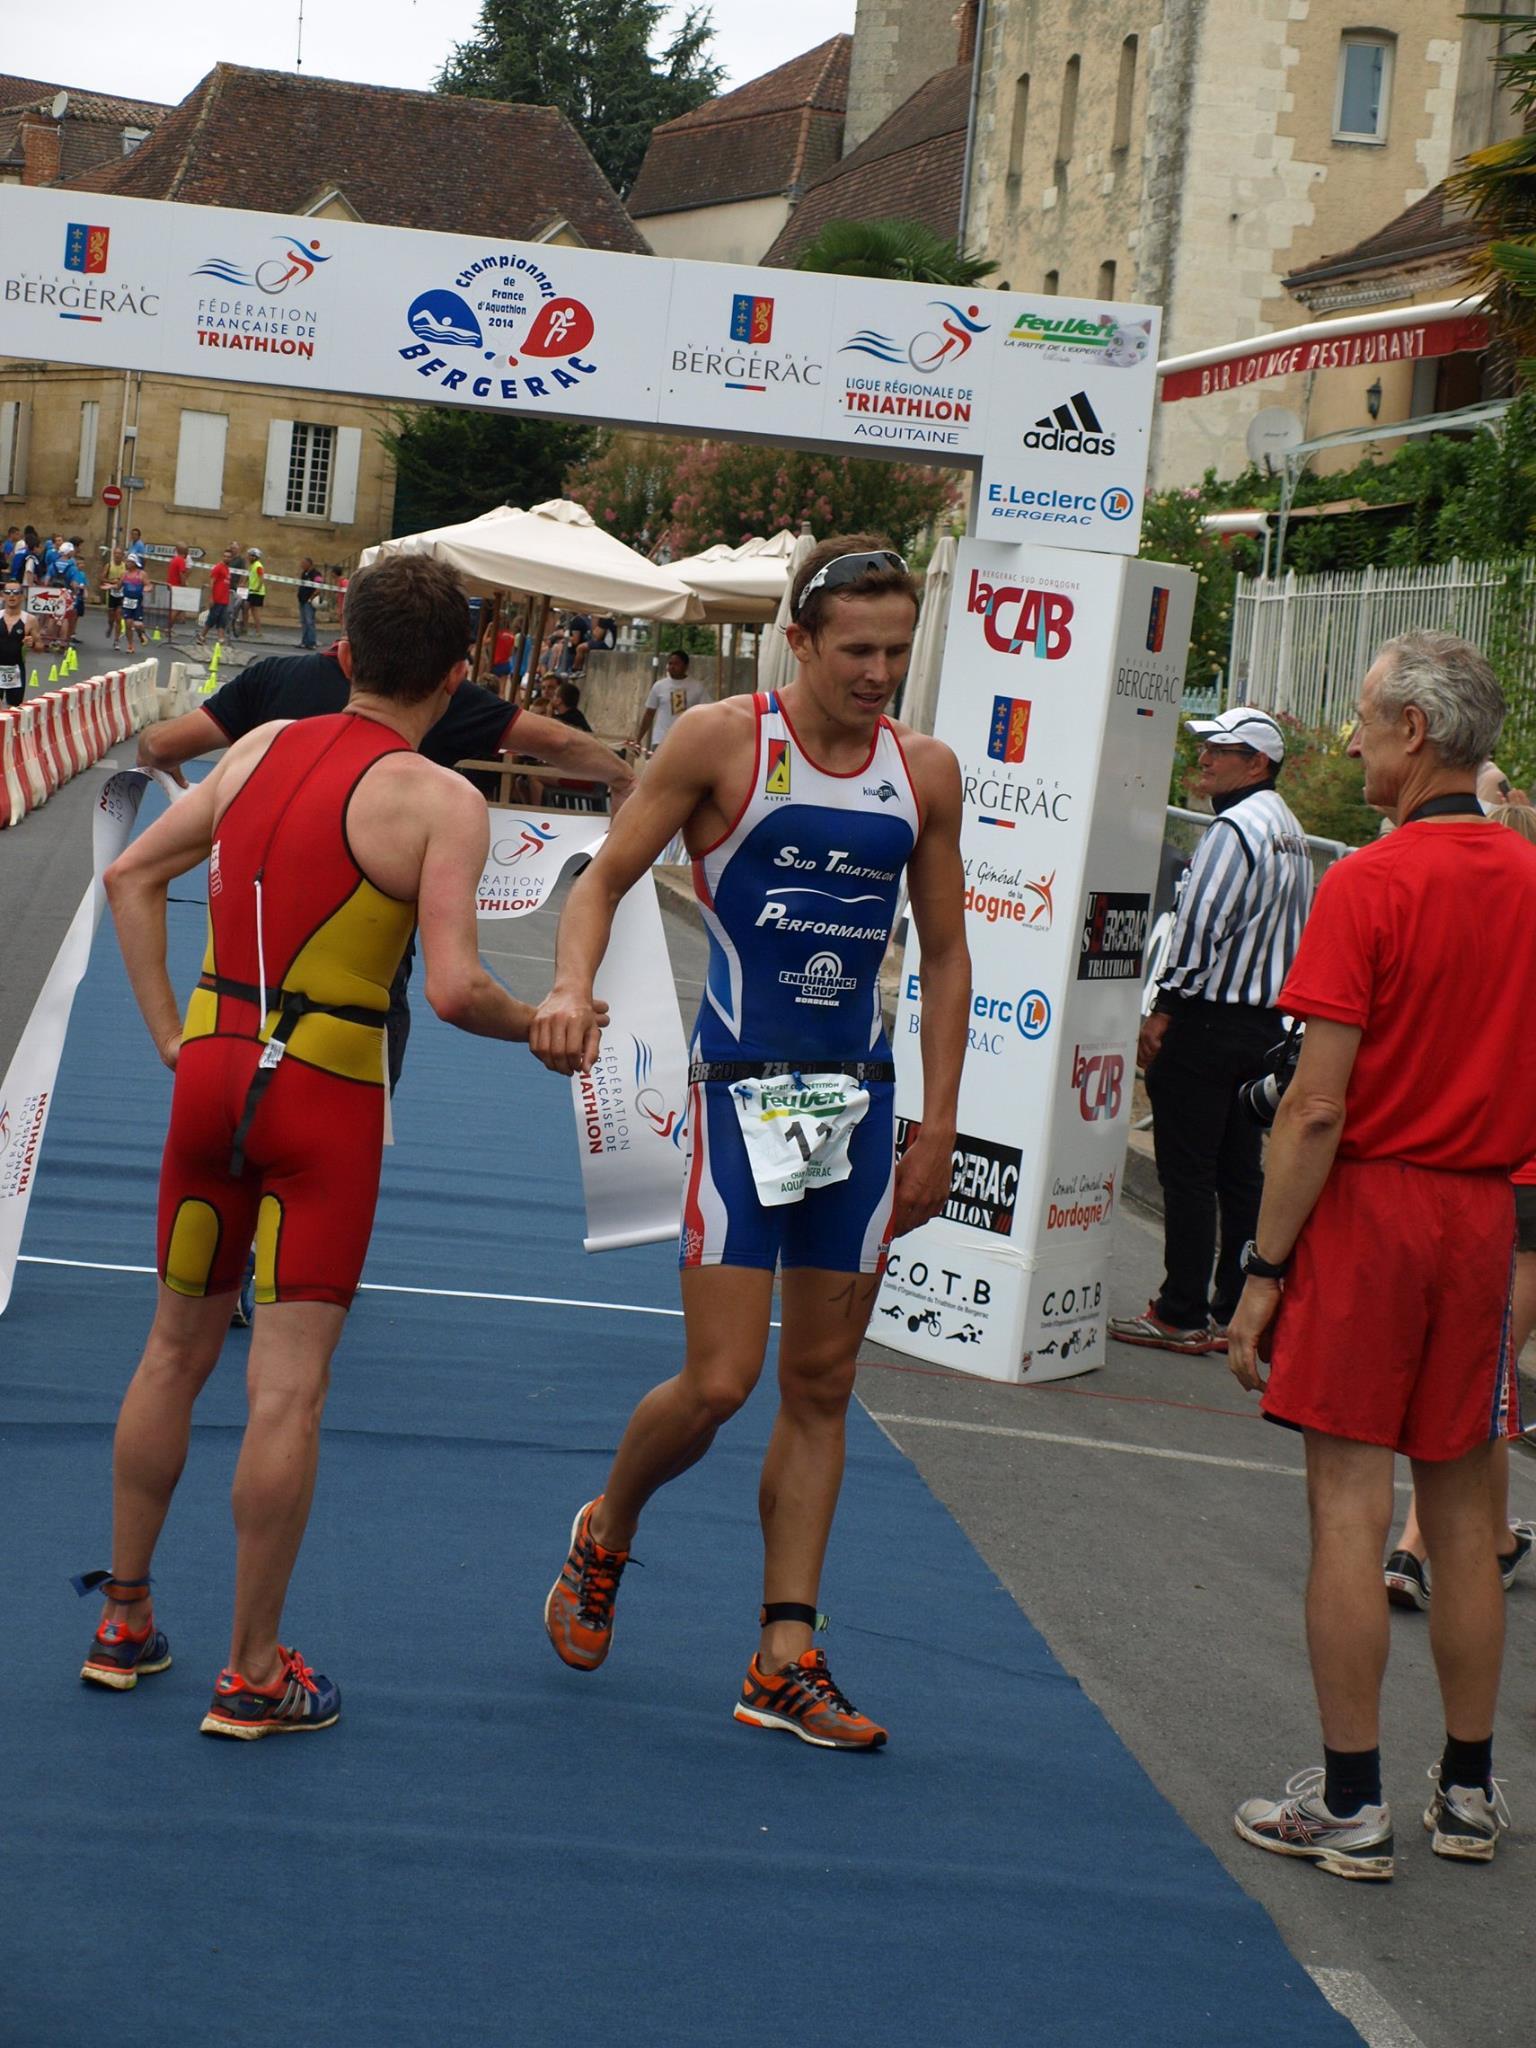 Championnat de France Aquathlon à Bergerac: Résultats